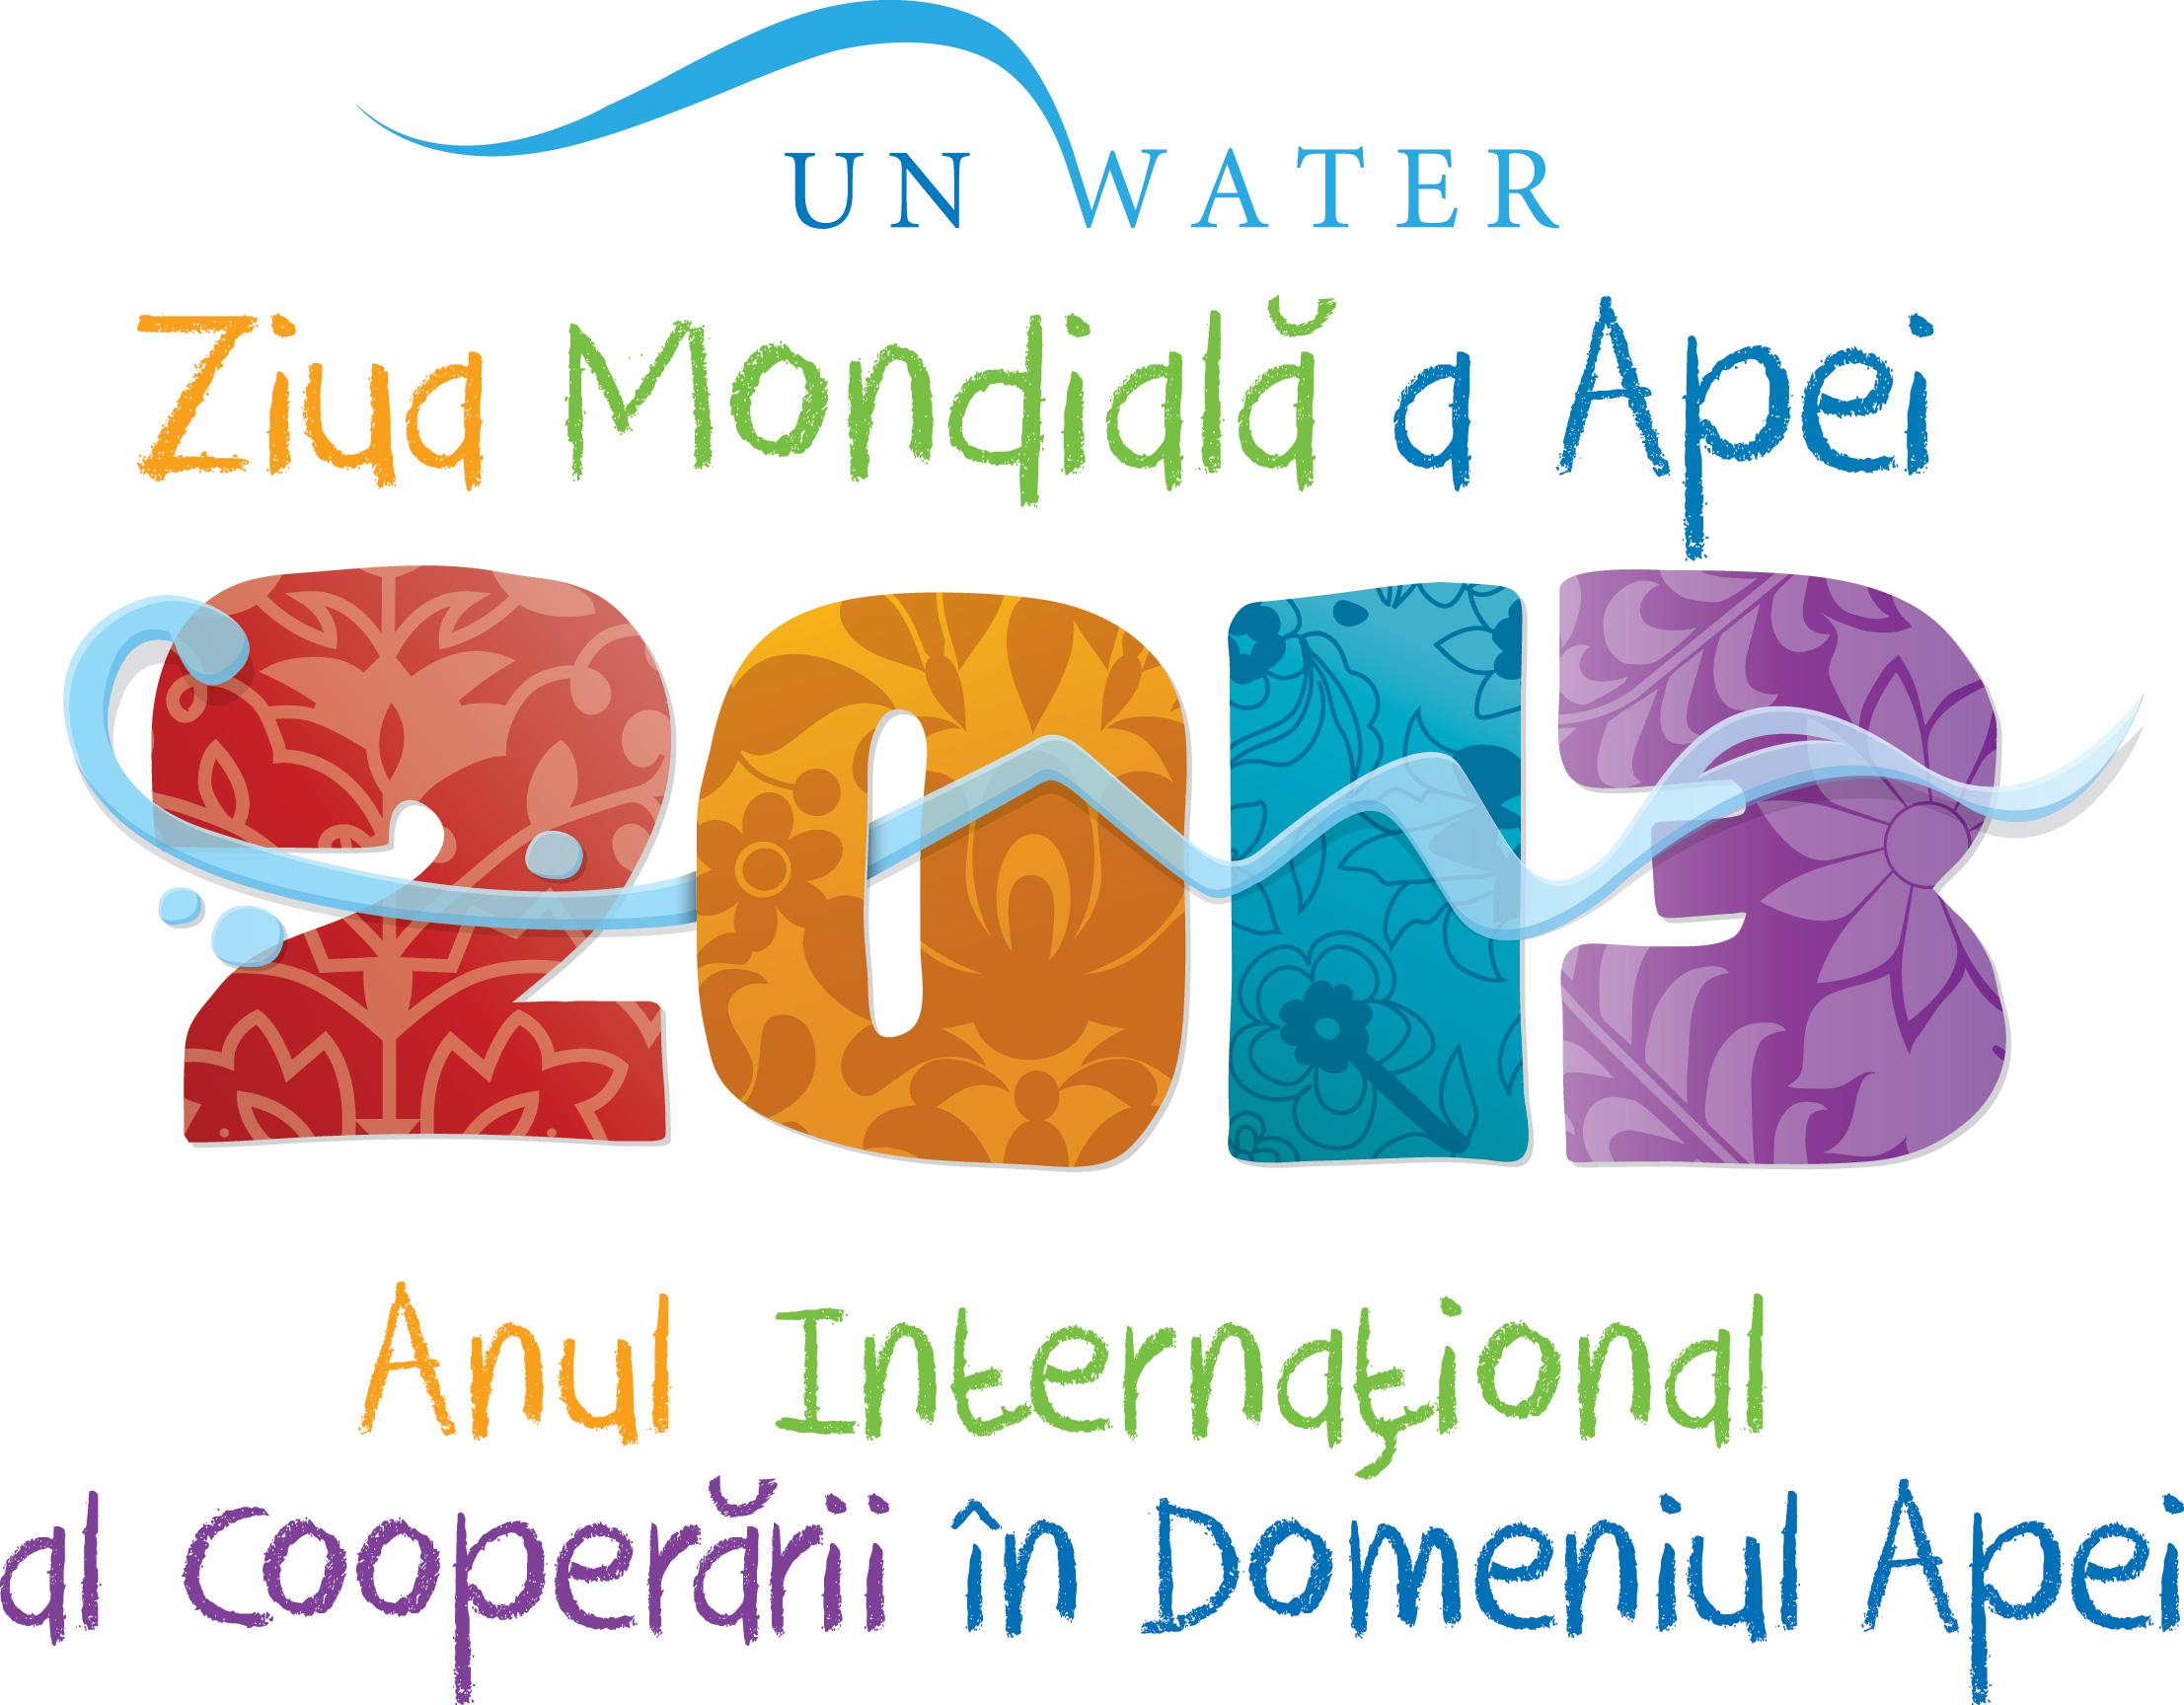 Ziua Mondiala a Apei 2013